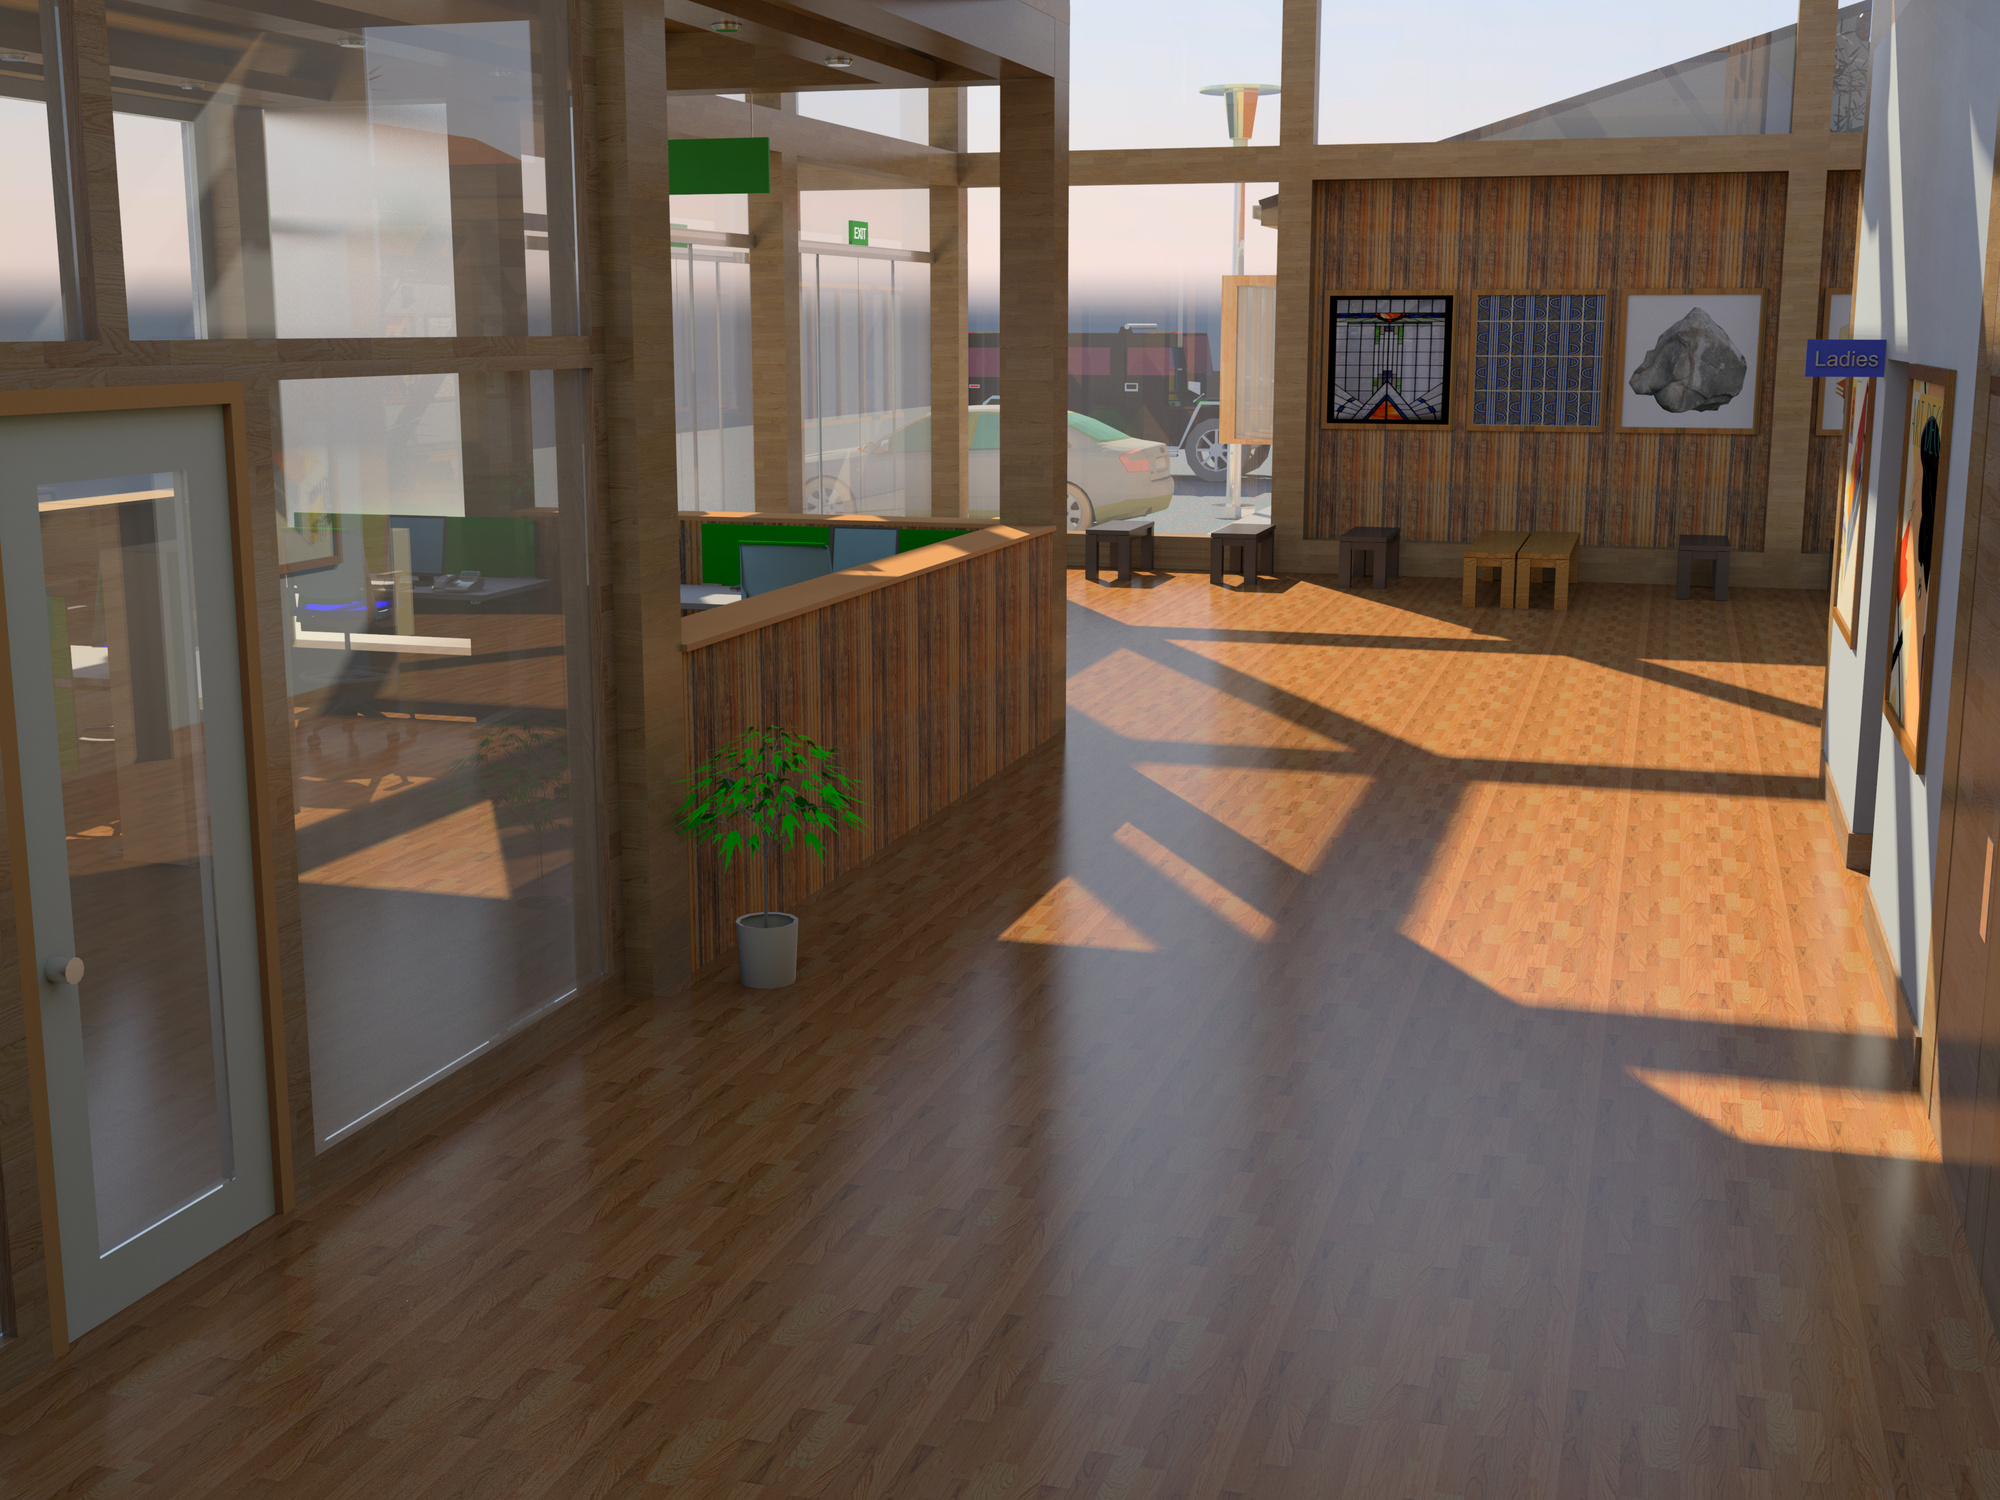 Raas-rendering20150507-8064-1xsl2em